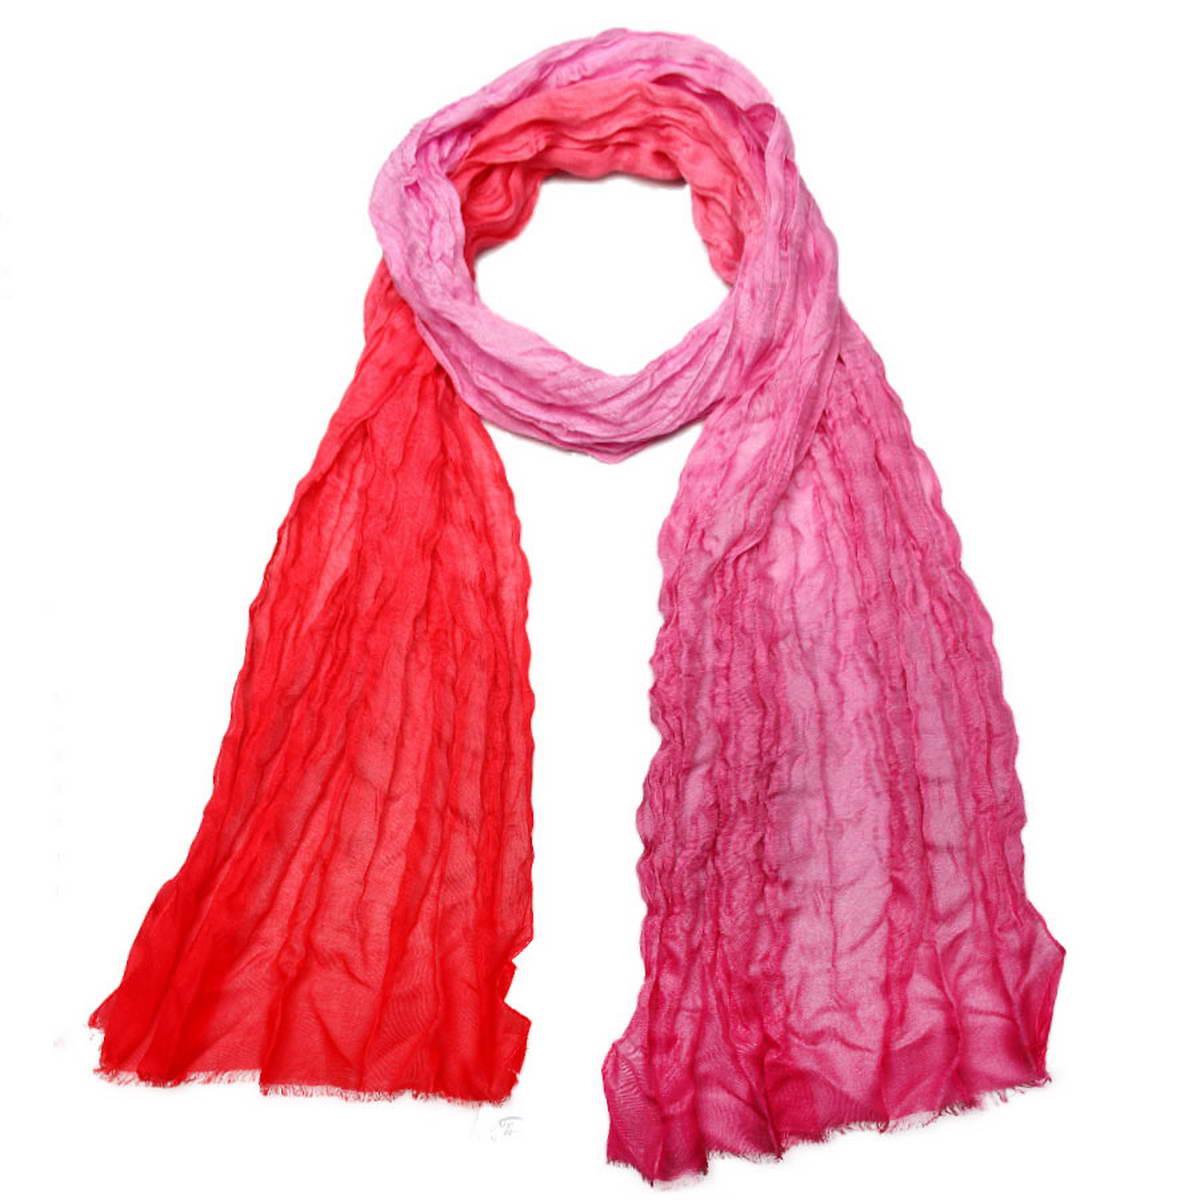 3400152Модный женский шарф Venera подарит вам уют и станет стильным аксессуаром, который призван подчеркнуть вашу индивидуальность и женственность. Тонкий шарф выполнен из высококачественного модала, он невероятно мягкий и приятный на ощупь. Шарф оформлен изысканными цветовыми переходами. Этот модный аксессуар гармонично дополнит образ современной женщины, следящей за своим имиджем и стремящейся всегда оставаться стильной и элегантной. Такой шарф украсит любой наряд и согреет вас в непогоду, с ним вы всегда будете выглядеть изысканно и оригинально.